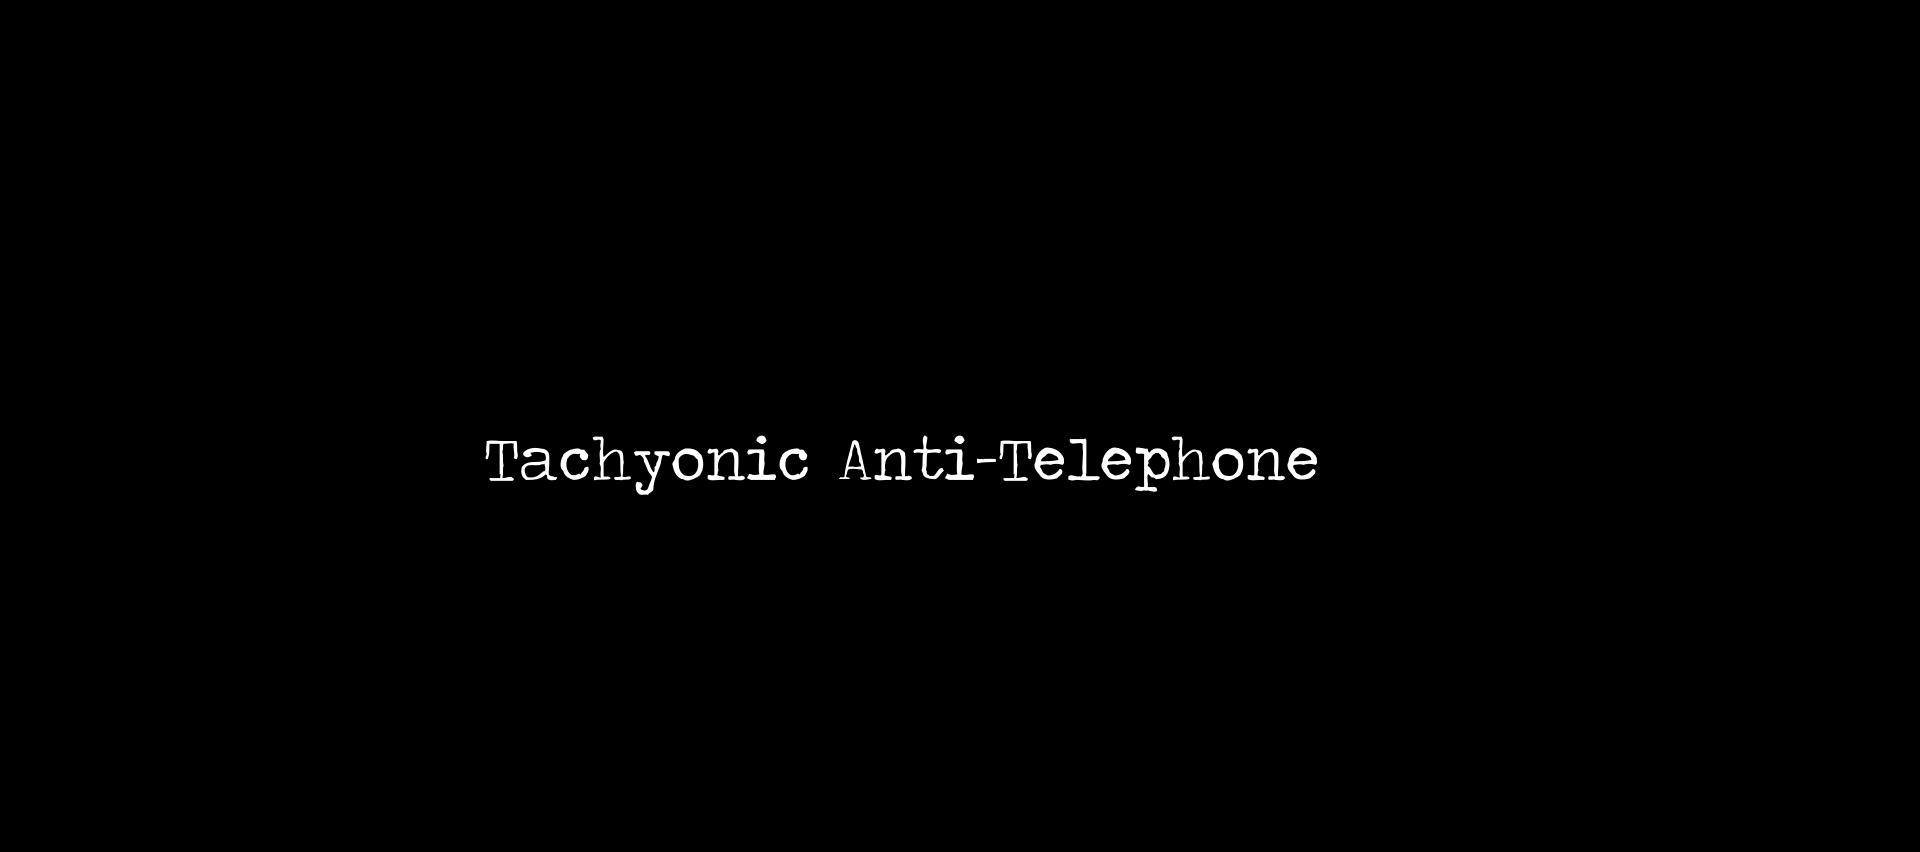 Tachyonic Antitelephone